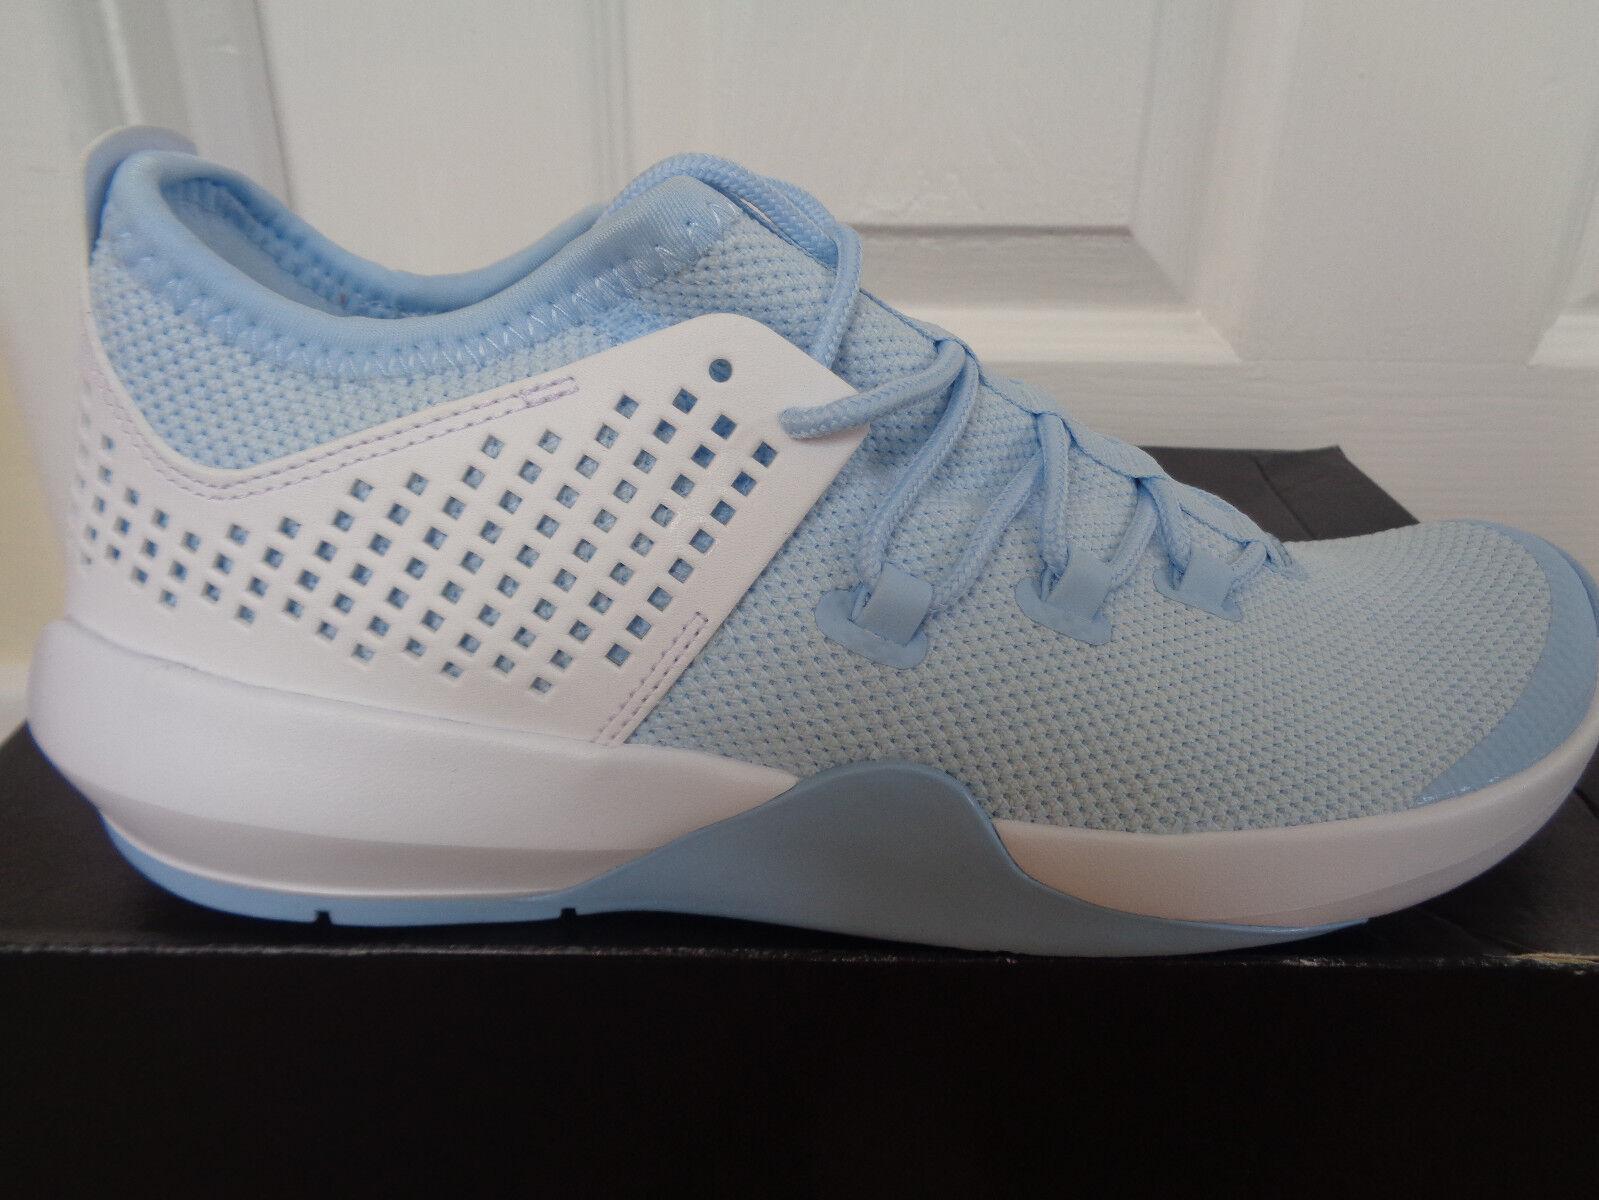 Nike Jordan  Express Zapatillas  Zapatillas  Jordan 897988 430 nos 9.5 Nuevo En Caja b400a1